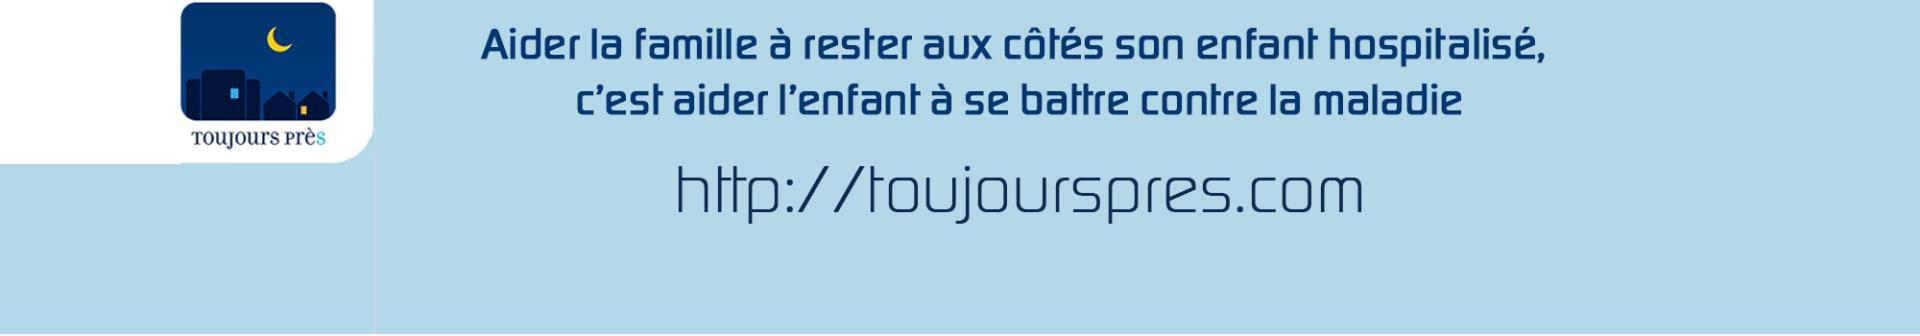 Adhérents 2016 - Toujours Près